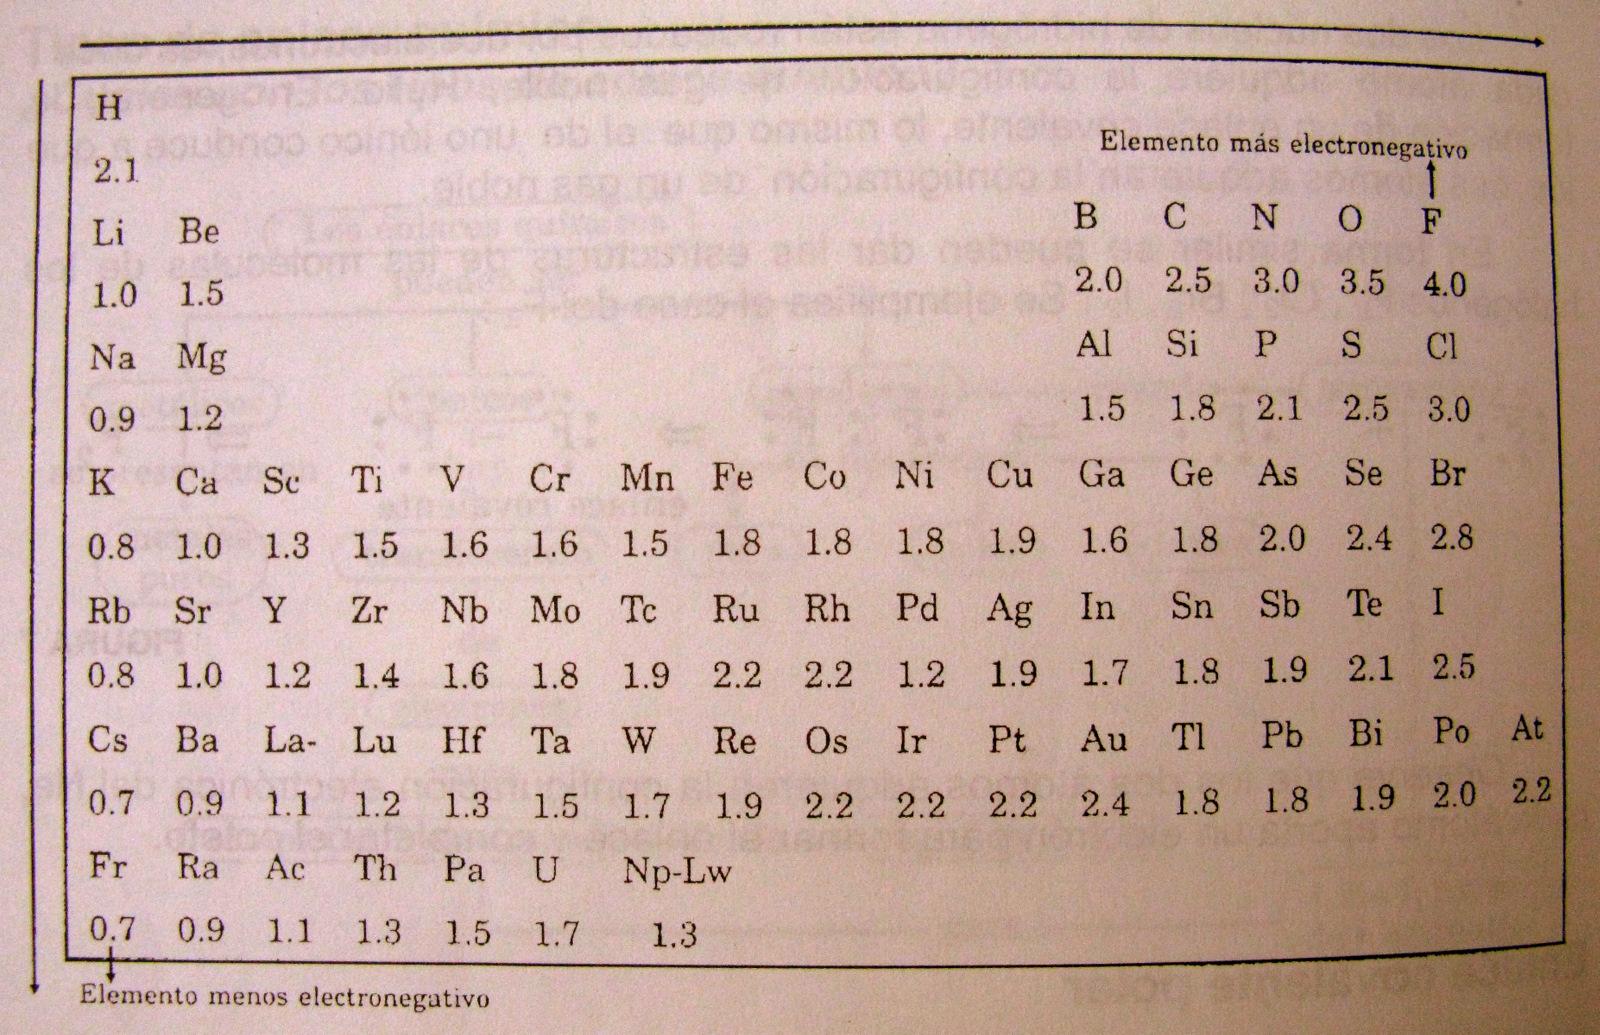 linus pauling fue quien confeccion una escala de electronegatividades para los elementos esta escala no tiene unidades y el maximo valor 4 corresponde - Tabla Periodica De Los Elementos Quimicos Con Electronegatividad